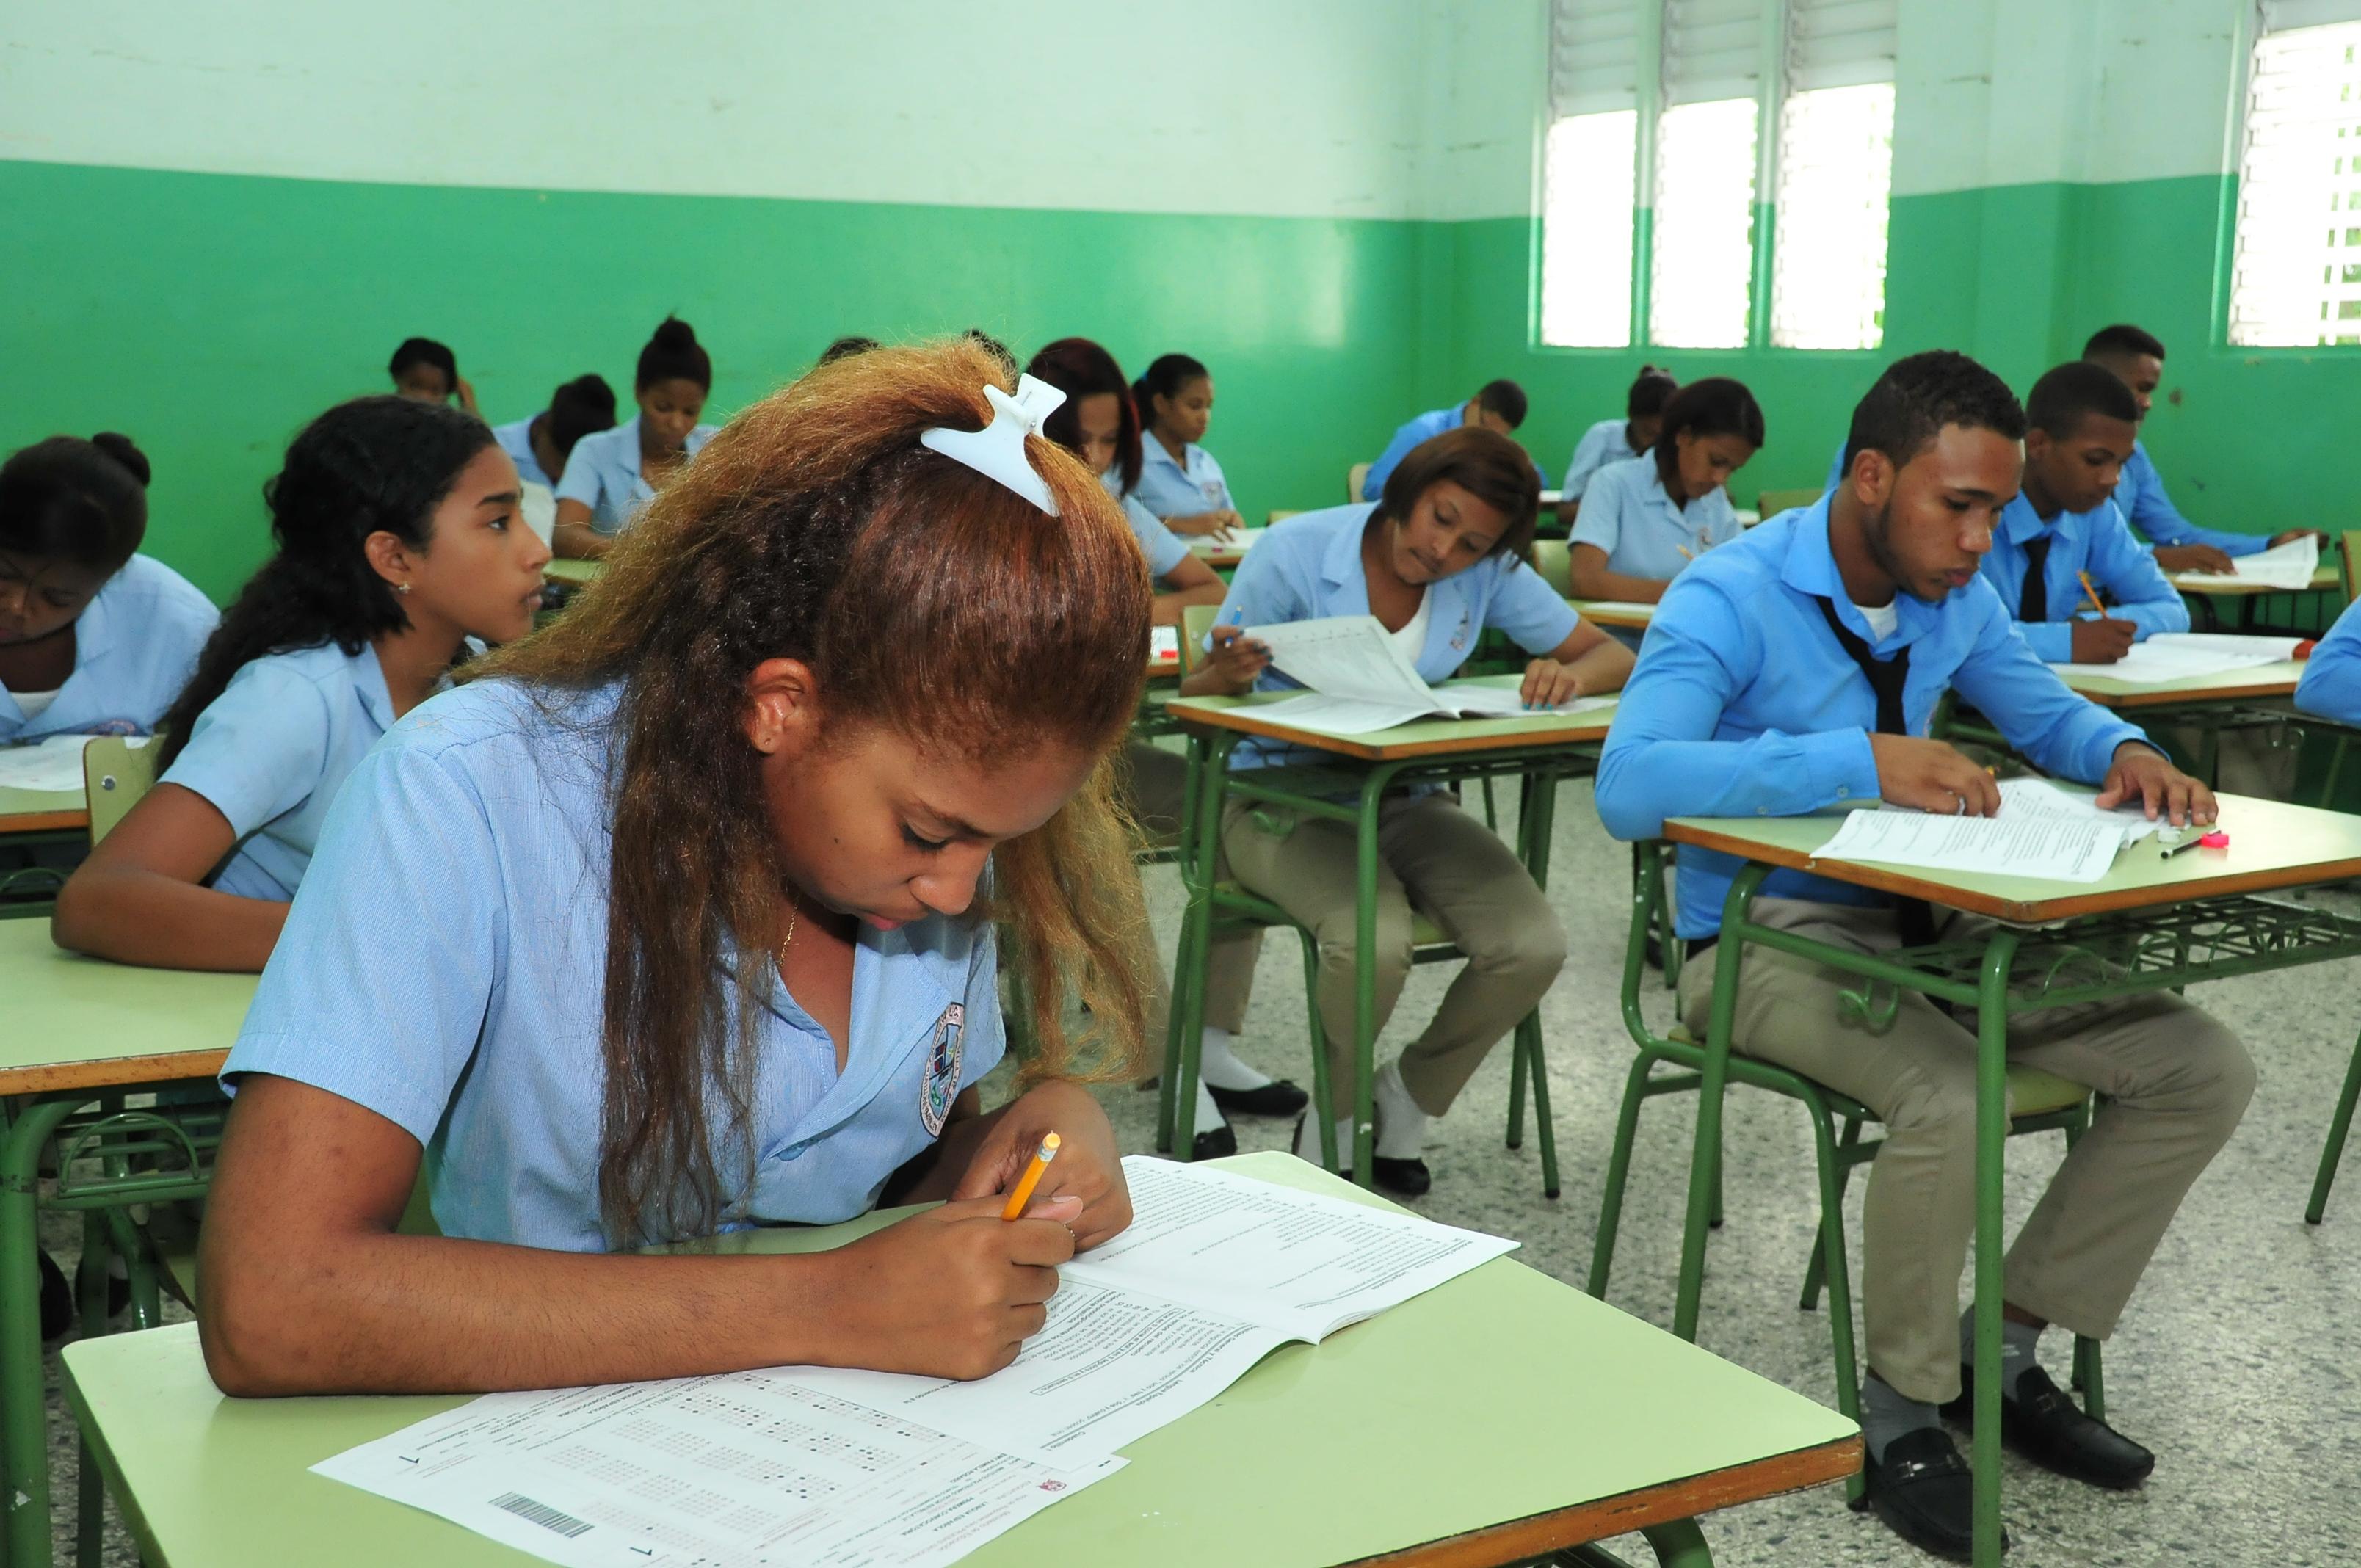 PRUEBAS EVIDENCIAN AVANCE REVOLUCIÓN EDUCATIVA